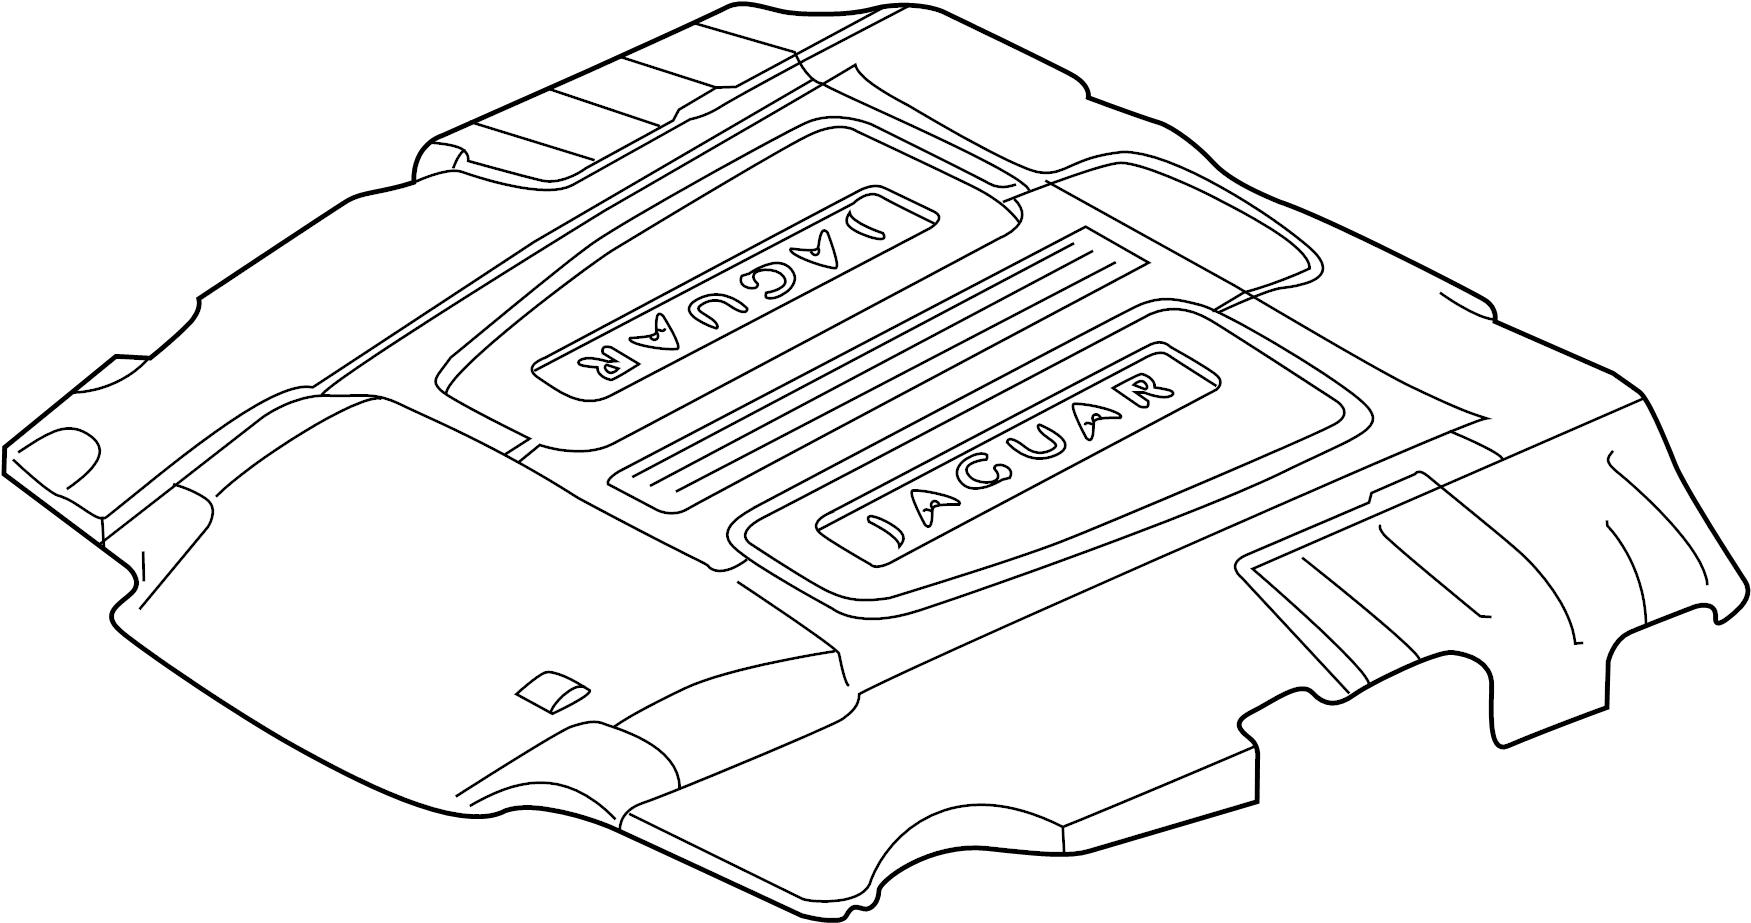 2010 jaguar xfr Motor diagram